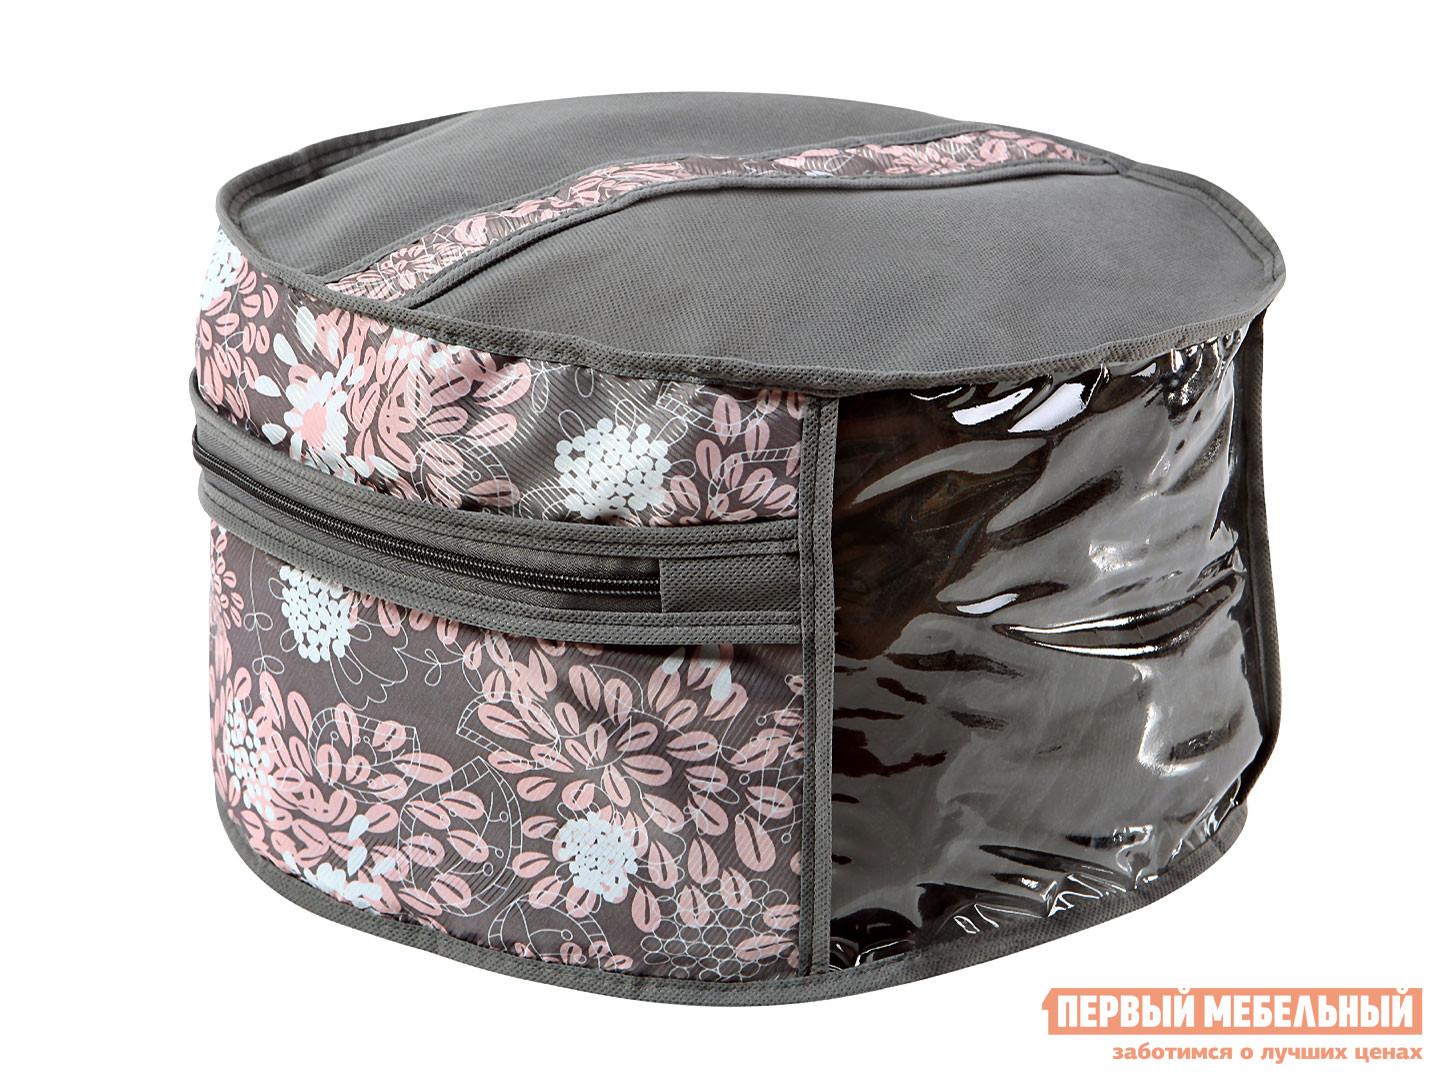 Чехол для шапок Первый Мебельный Чехол для шапок, диаметр 35см